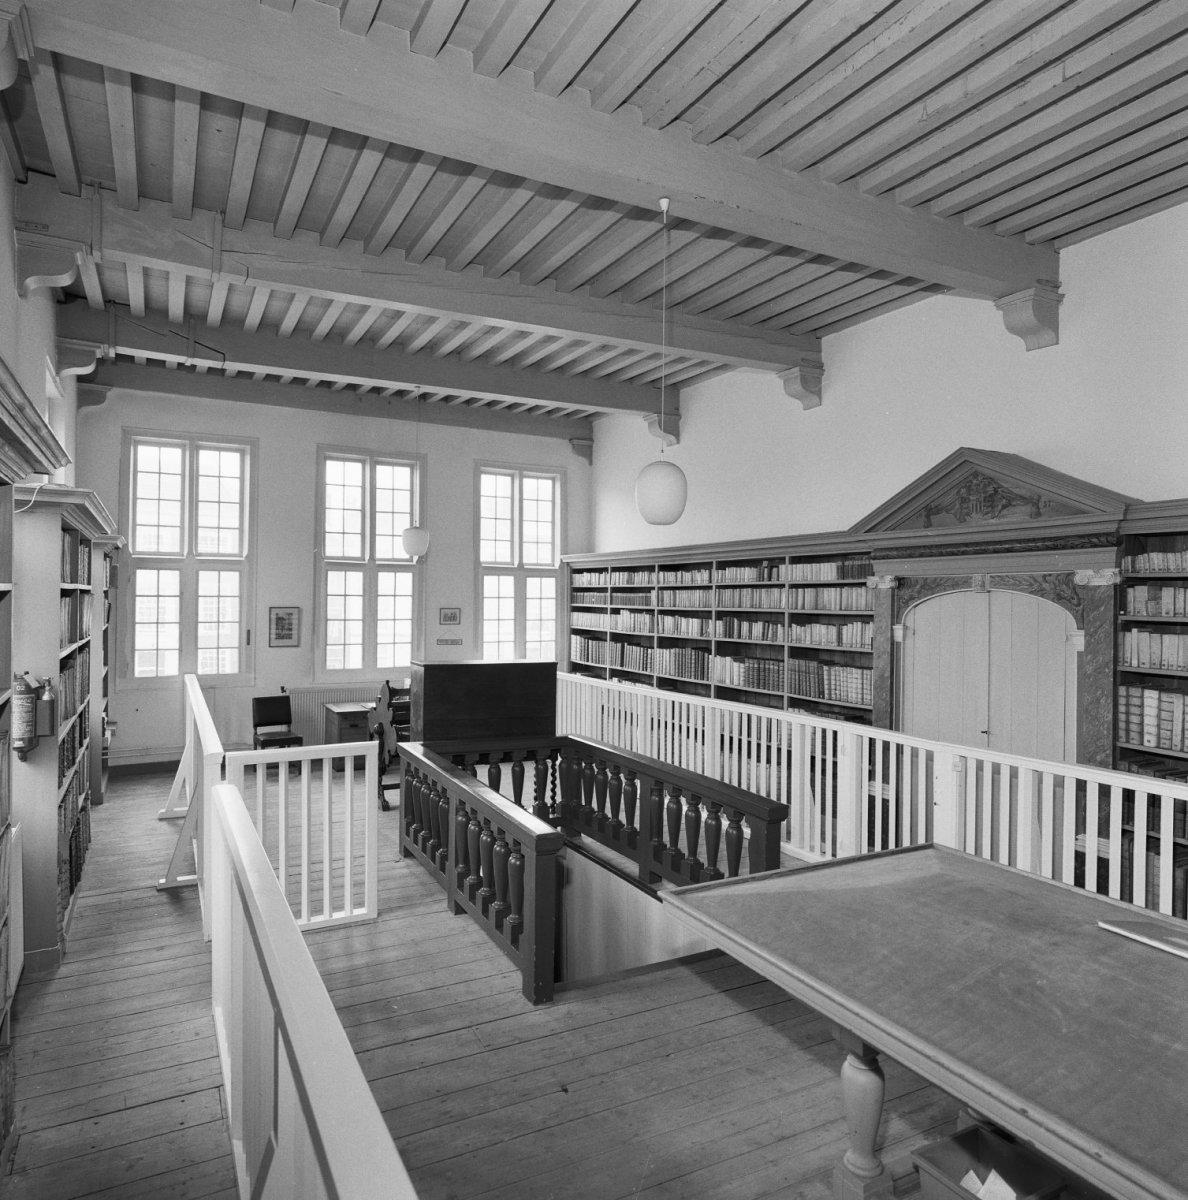 De Bibliotheca Thysiana in Leiden werd gesticht door jurist Joannes Thysius en is de enige bibliotheek in Nederland uit de zeventiende eeuw die in zijn oorspronkelijke behuizing bewaard is gebleven. (Foto: rijksmonumenten.nl)